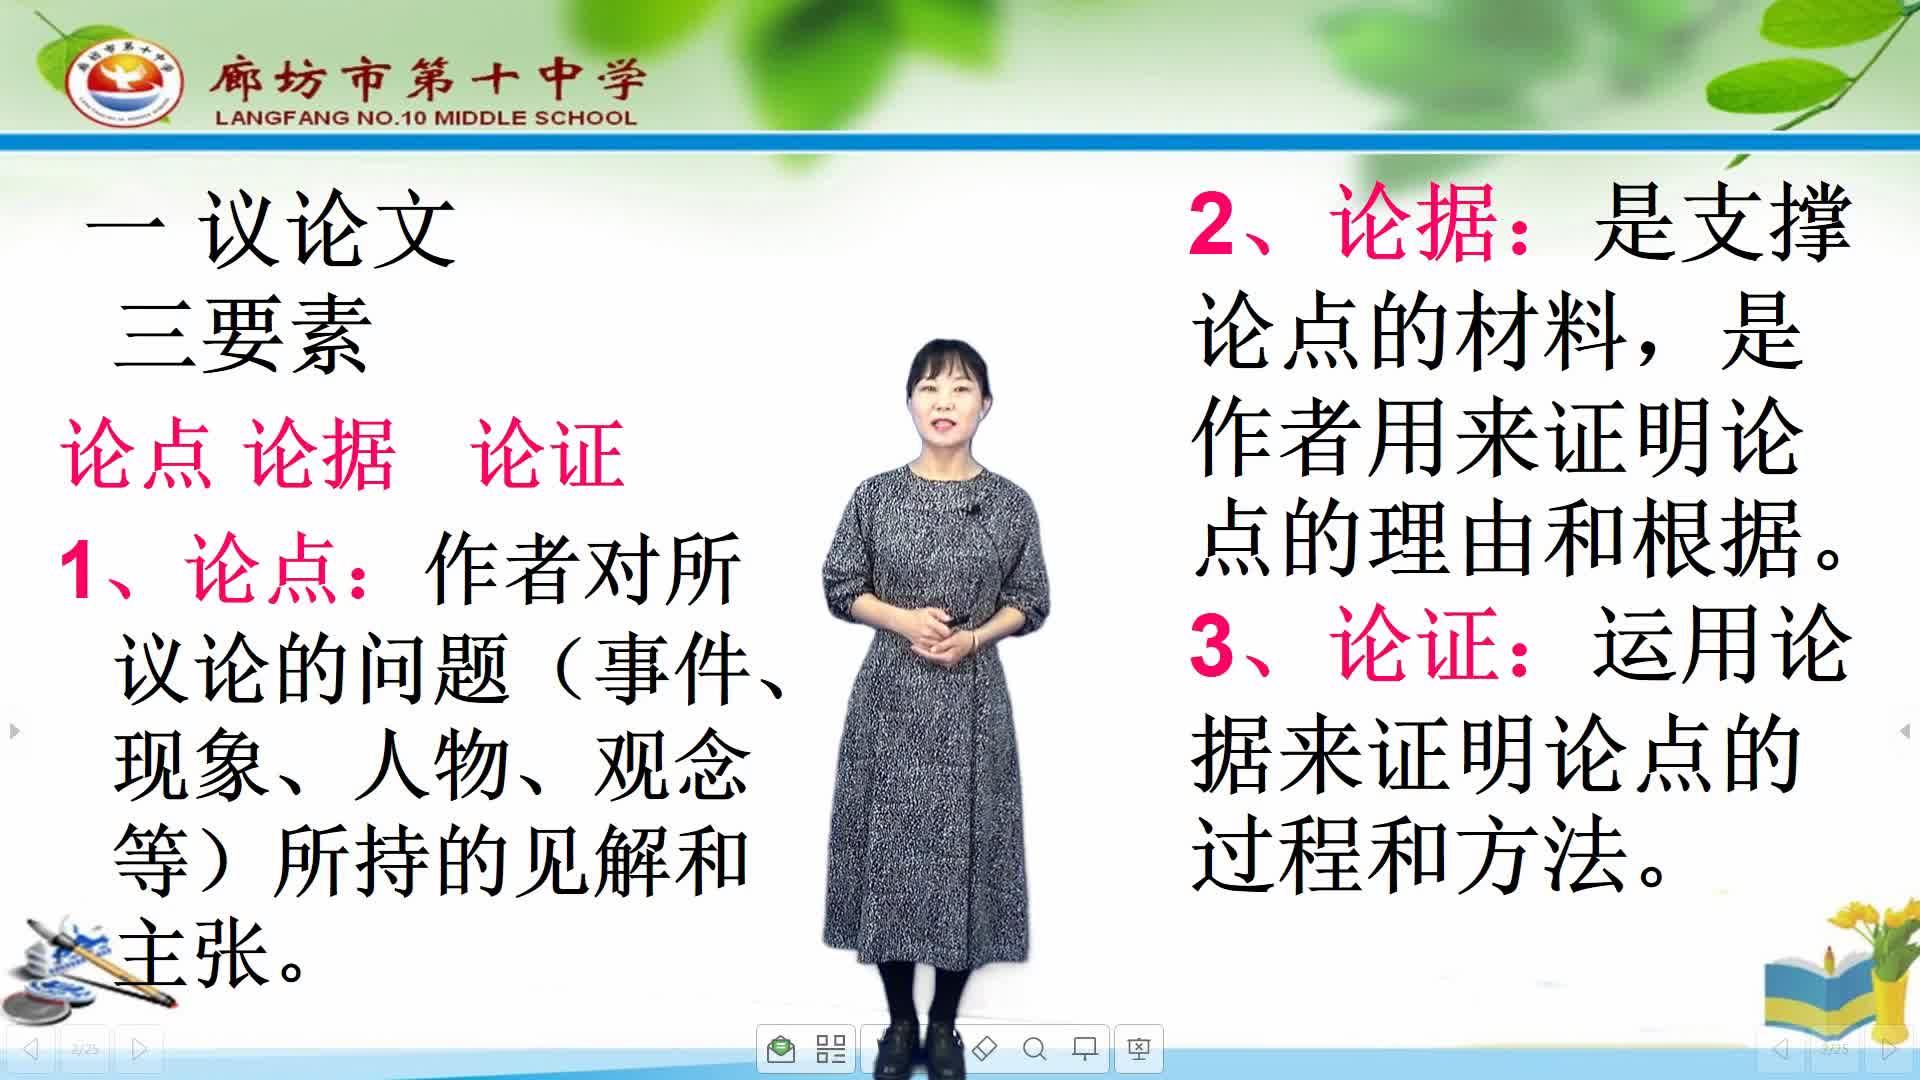 廊坊十中-九年級上冊語文 議論文基礎知識(一)王楠